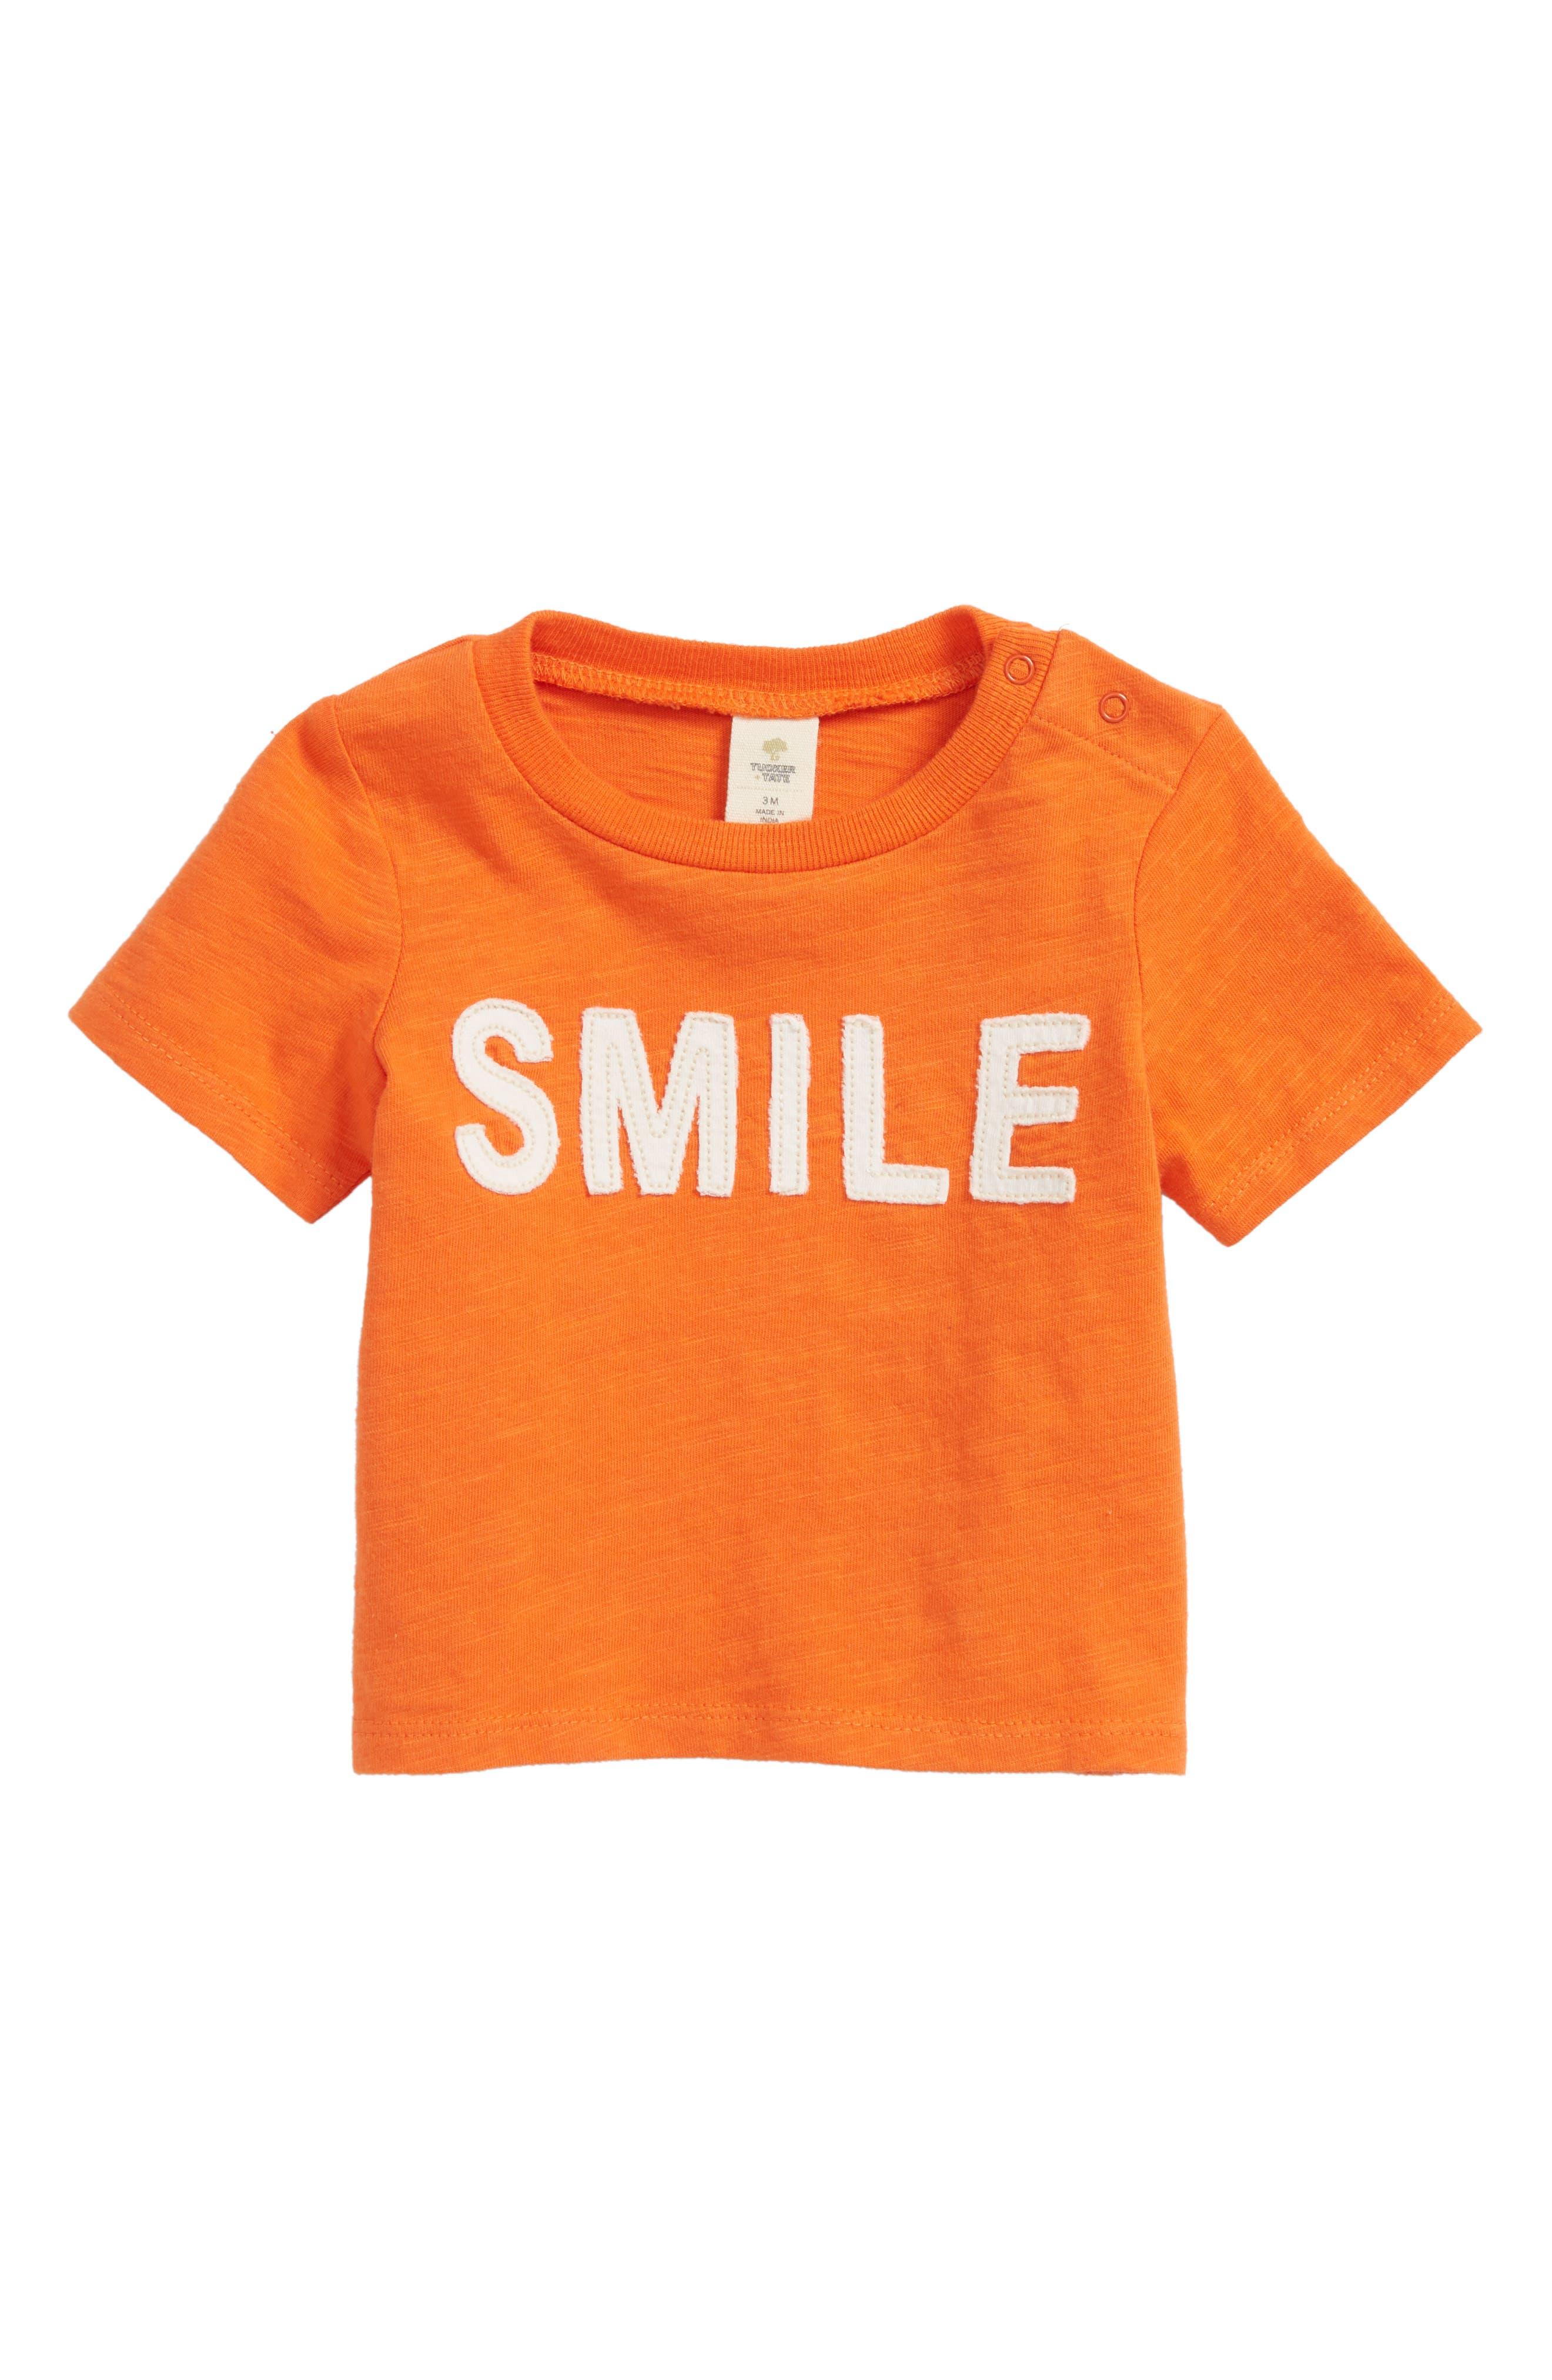 Smile Appliqué T-Shirt,                             Main thumbnail 1, color,                             Orange Lily Smiles